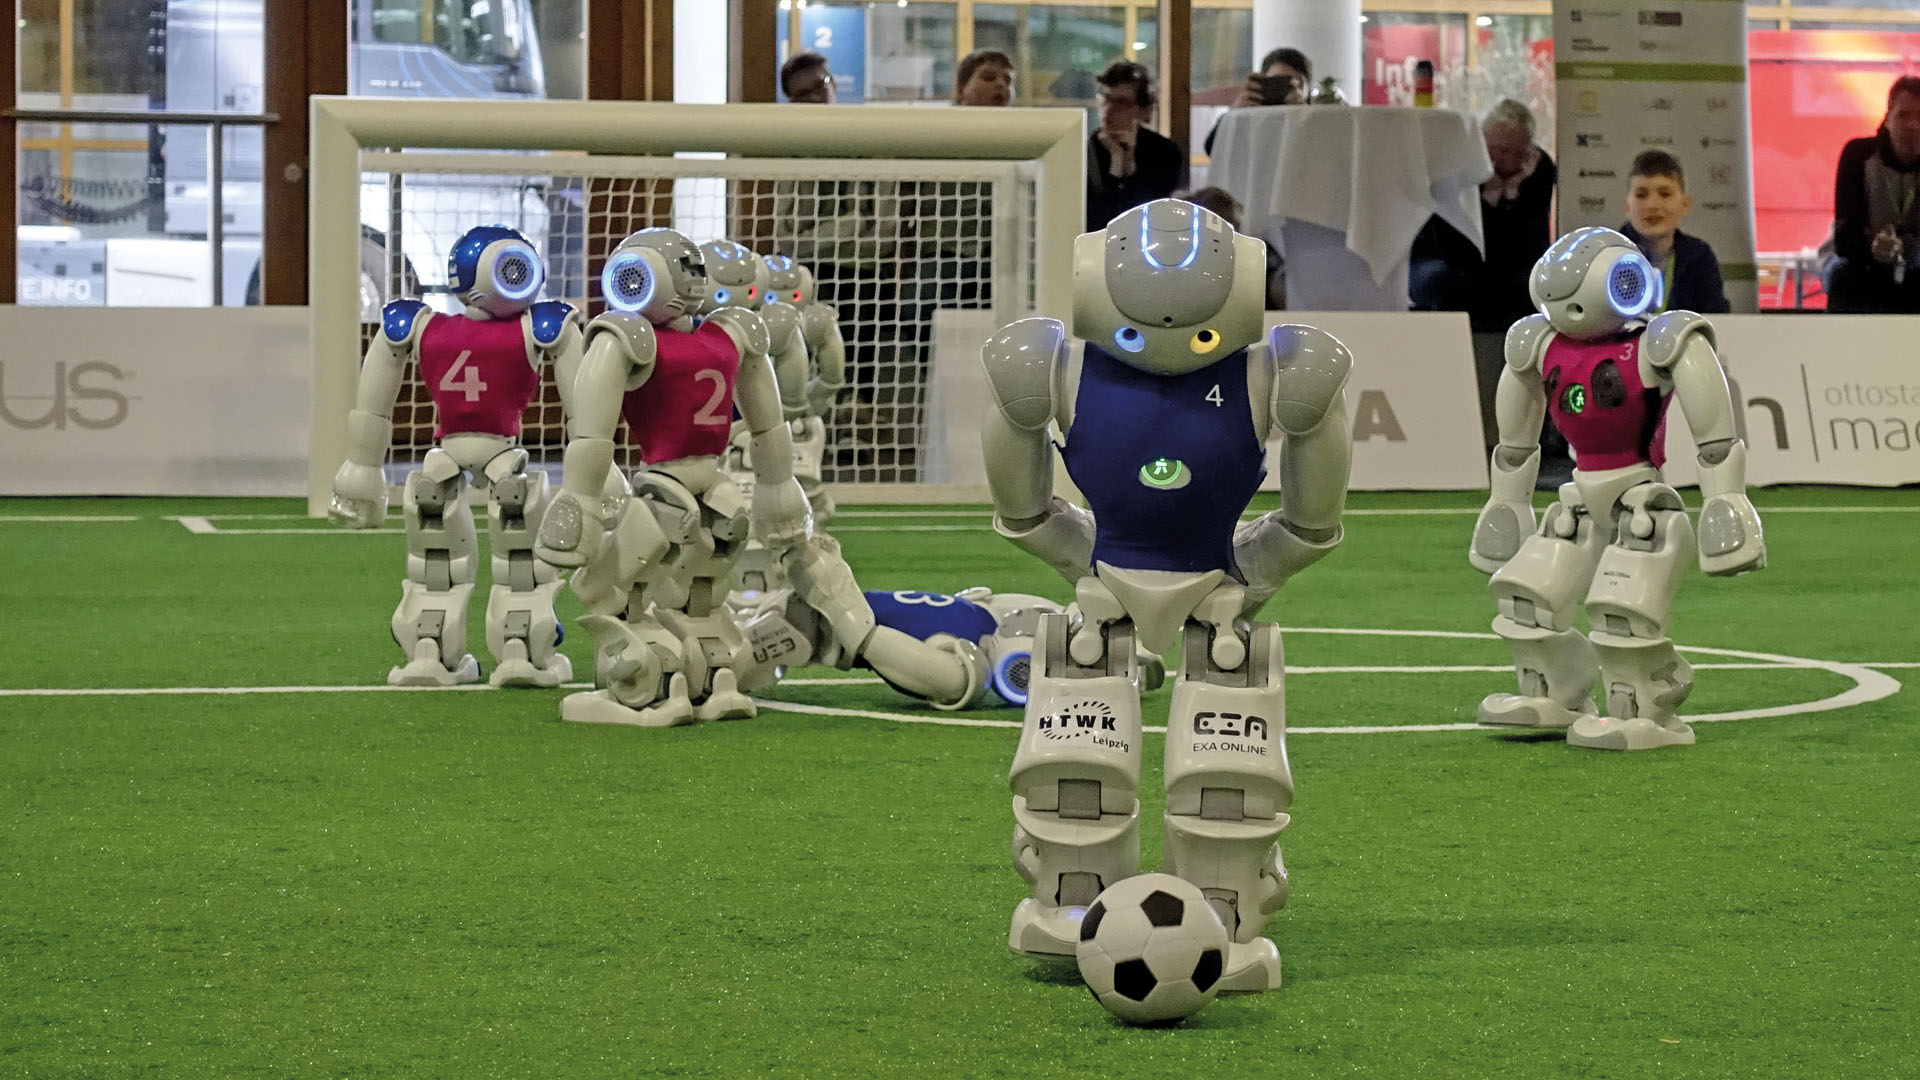 """Beim Roboter-Fußball sind die deutschen Mannschaften international sehr erfolgreich: Das Nao-Team HTWK von der Leipziger Hochschule für Technik, Wirtschaft und Kultur hat in diesem Jahr beim RoboCup die German Open und den Weltmeistertitel in der """"Standard Platform League"""" gewonnen."""